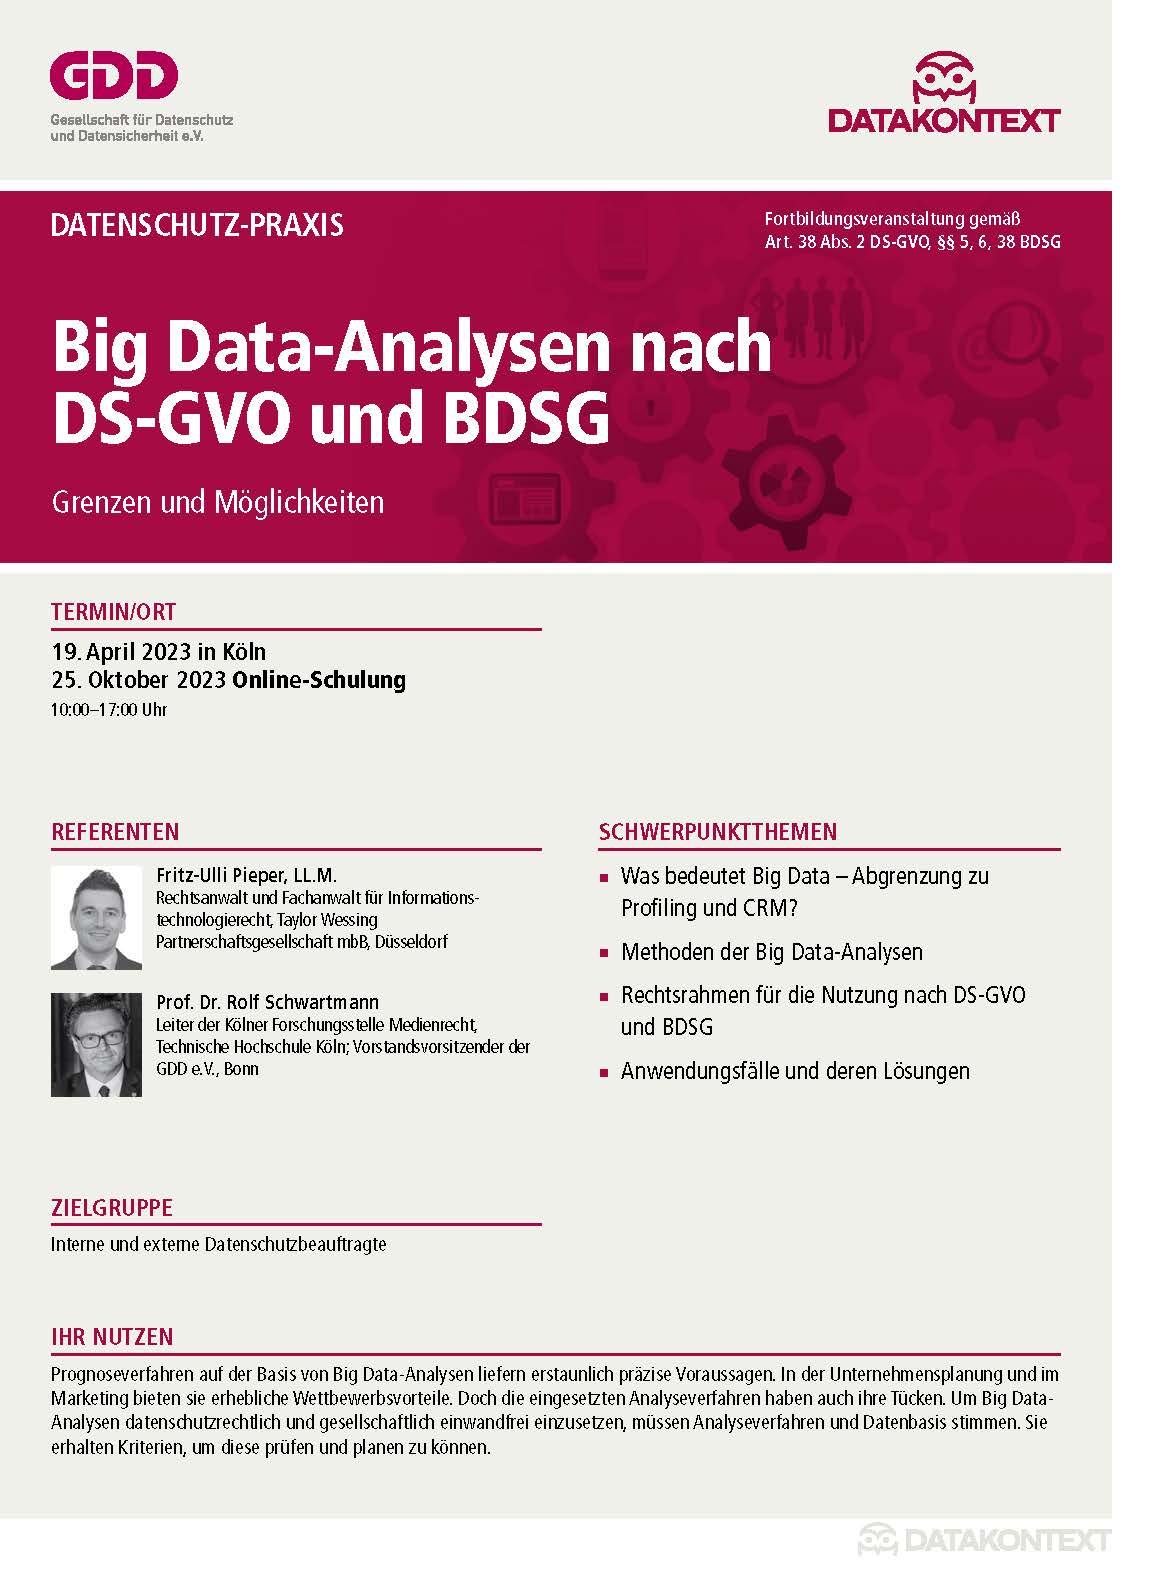 Big Data-Analysen nach DS-GVO und BDSG